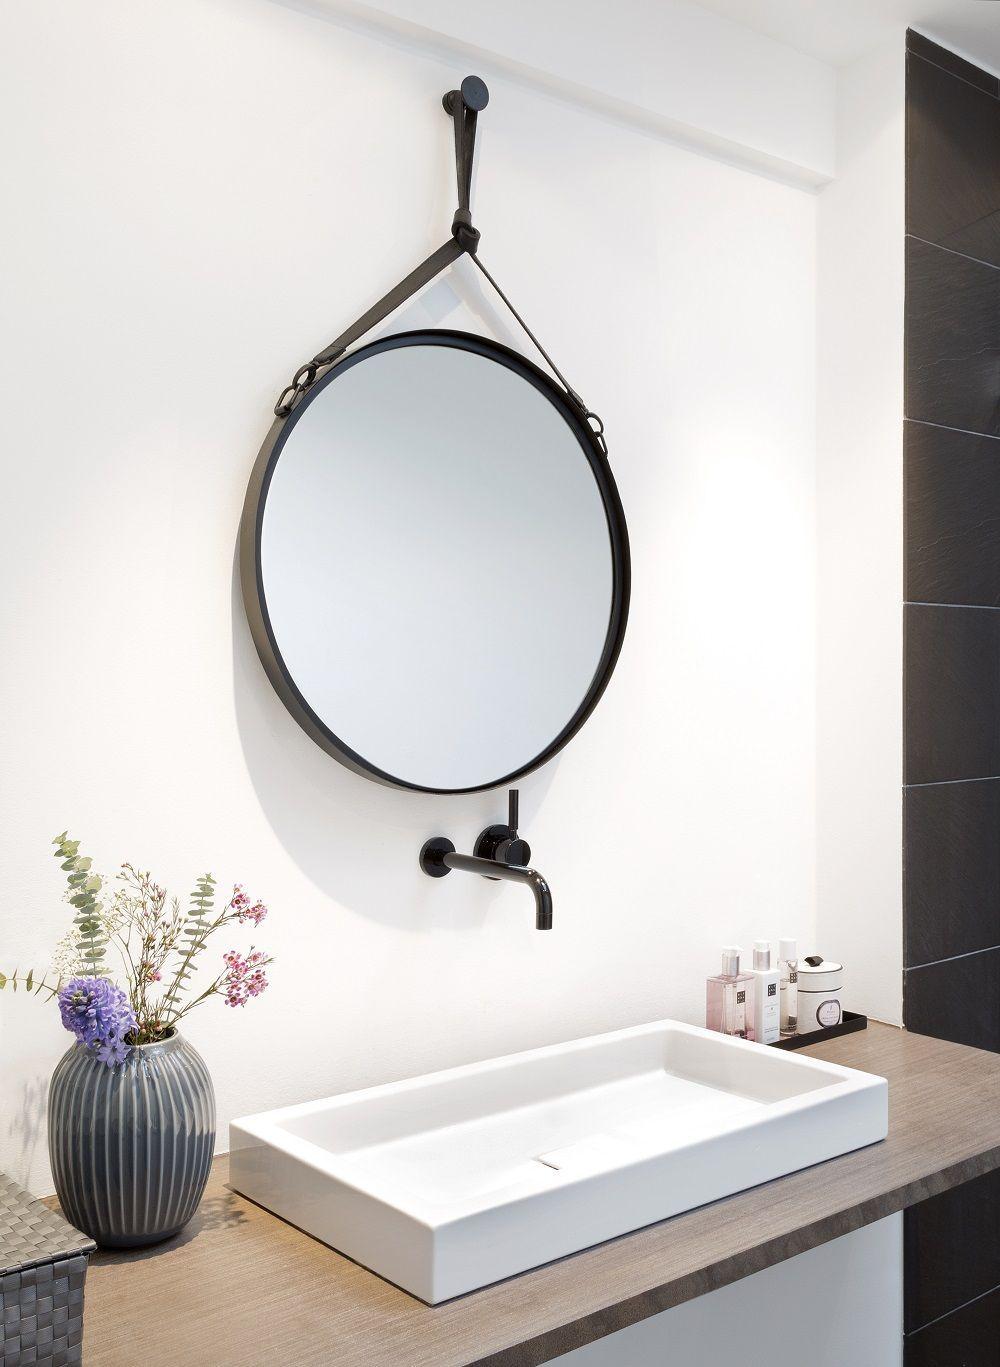 Zuruckhaltende Eleganz Der Wandspiegel Liz Passt Mit Seinem Runden Design Perfekt In Das Schlichte Aber Dennoch Seh Miroir Mural